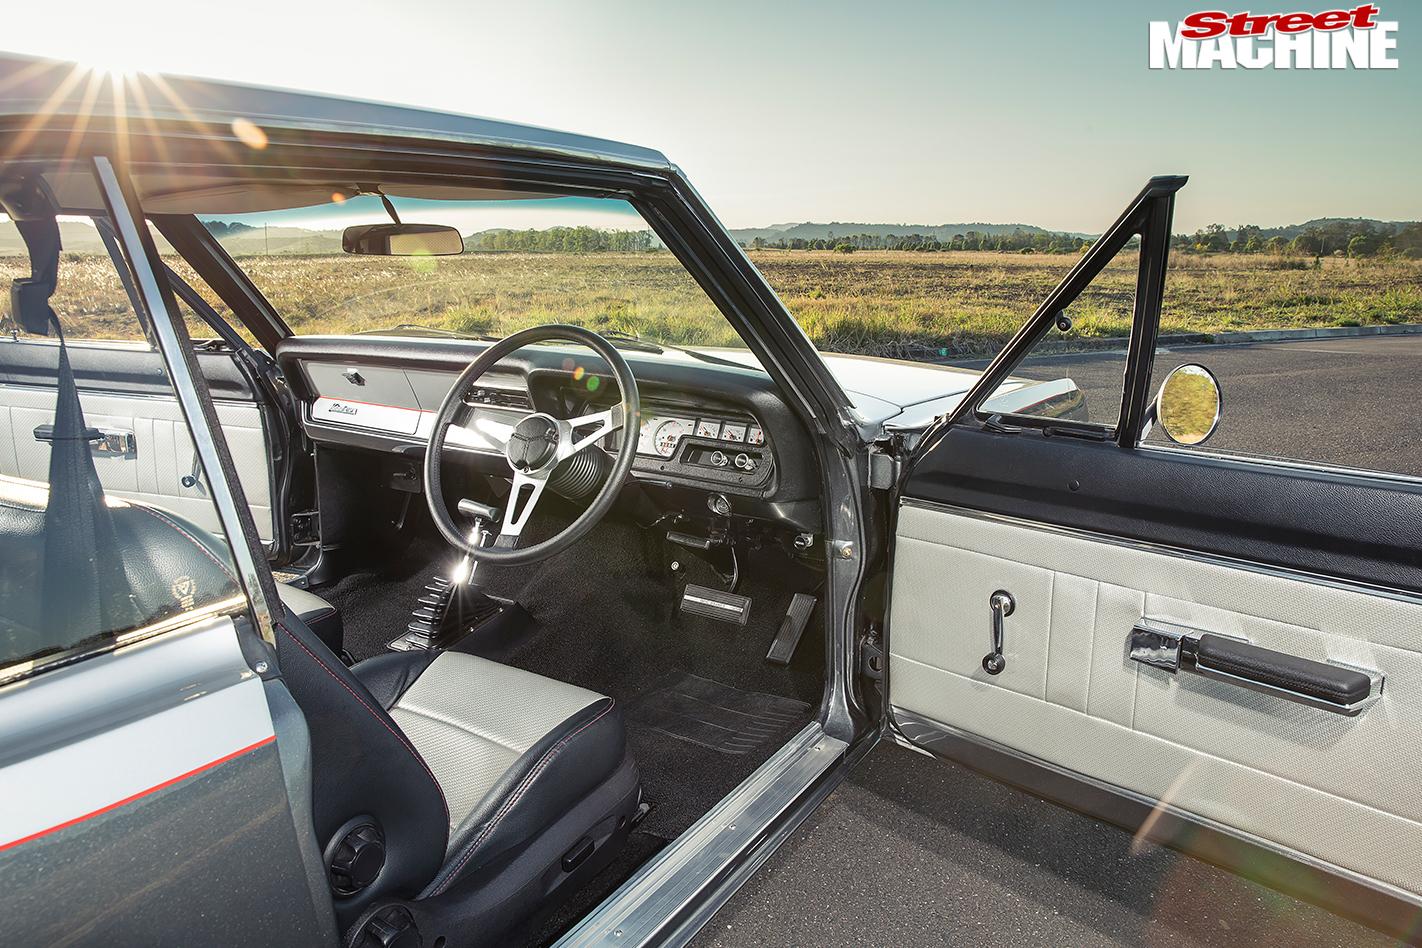 Chrysler -Valiant -VF-interior -front